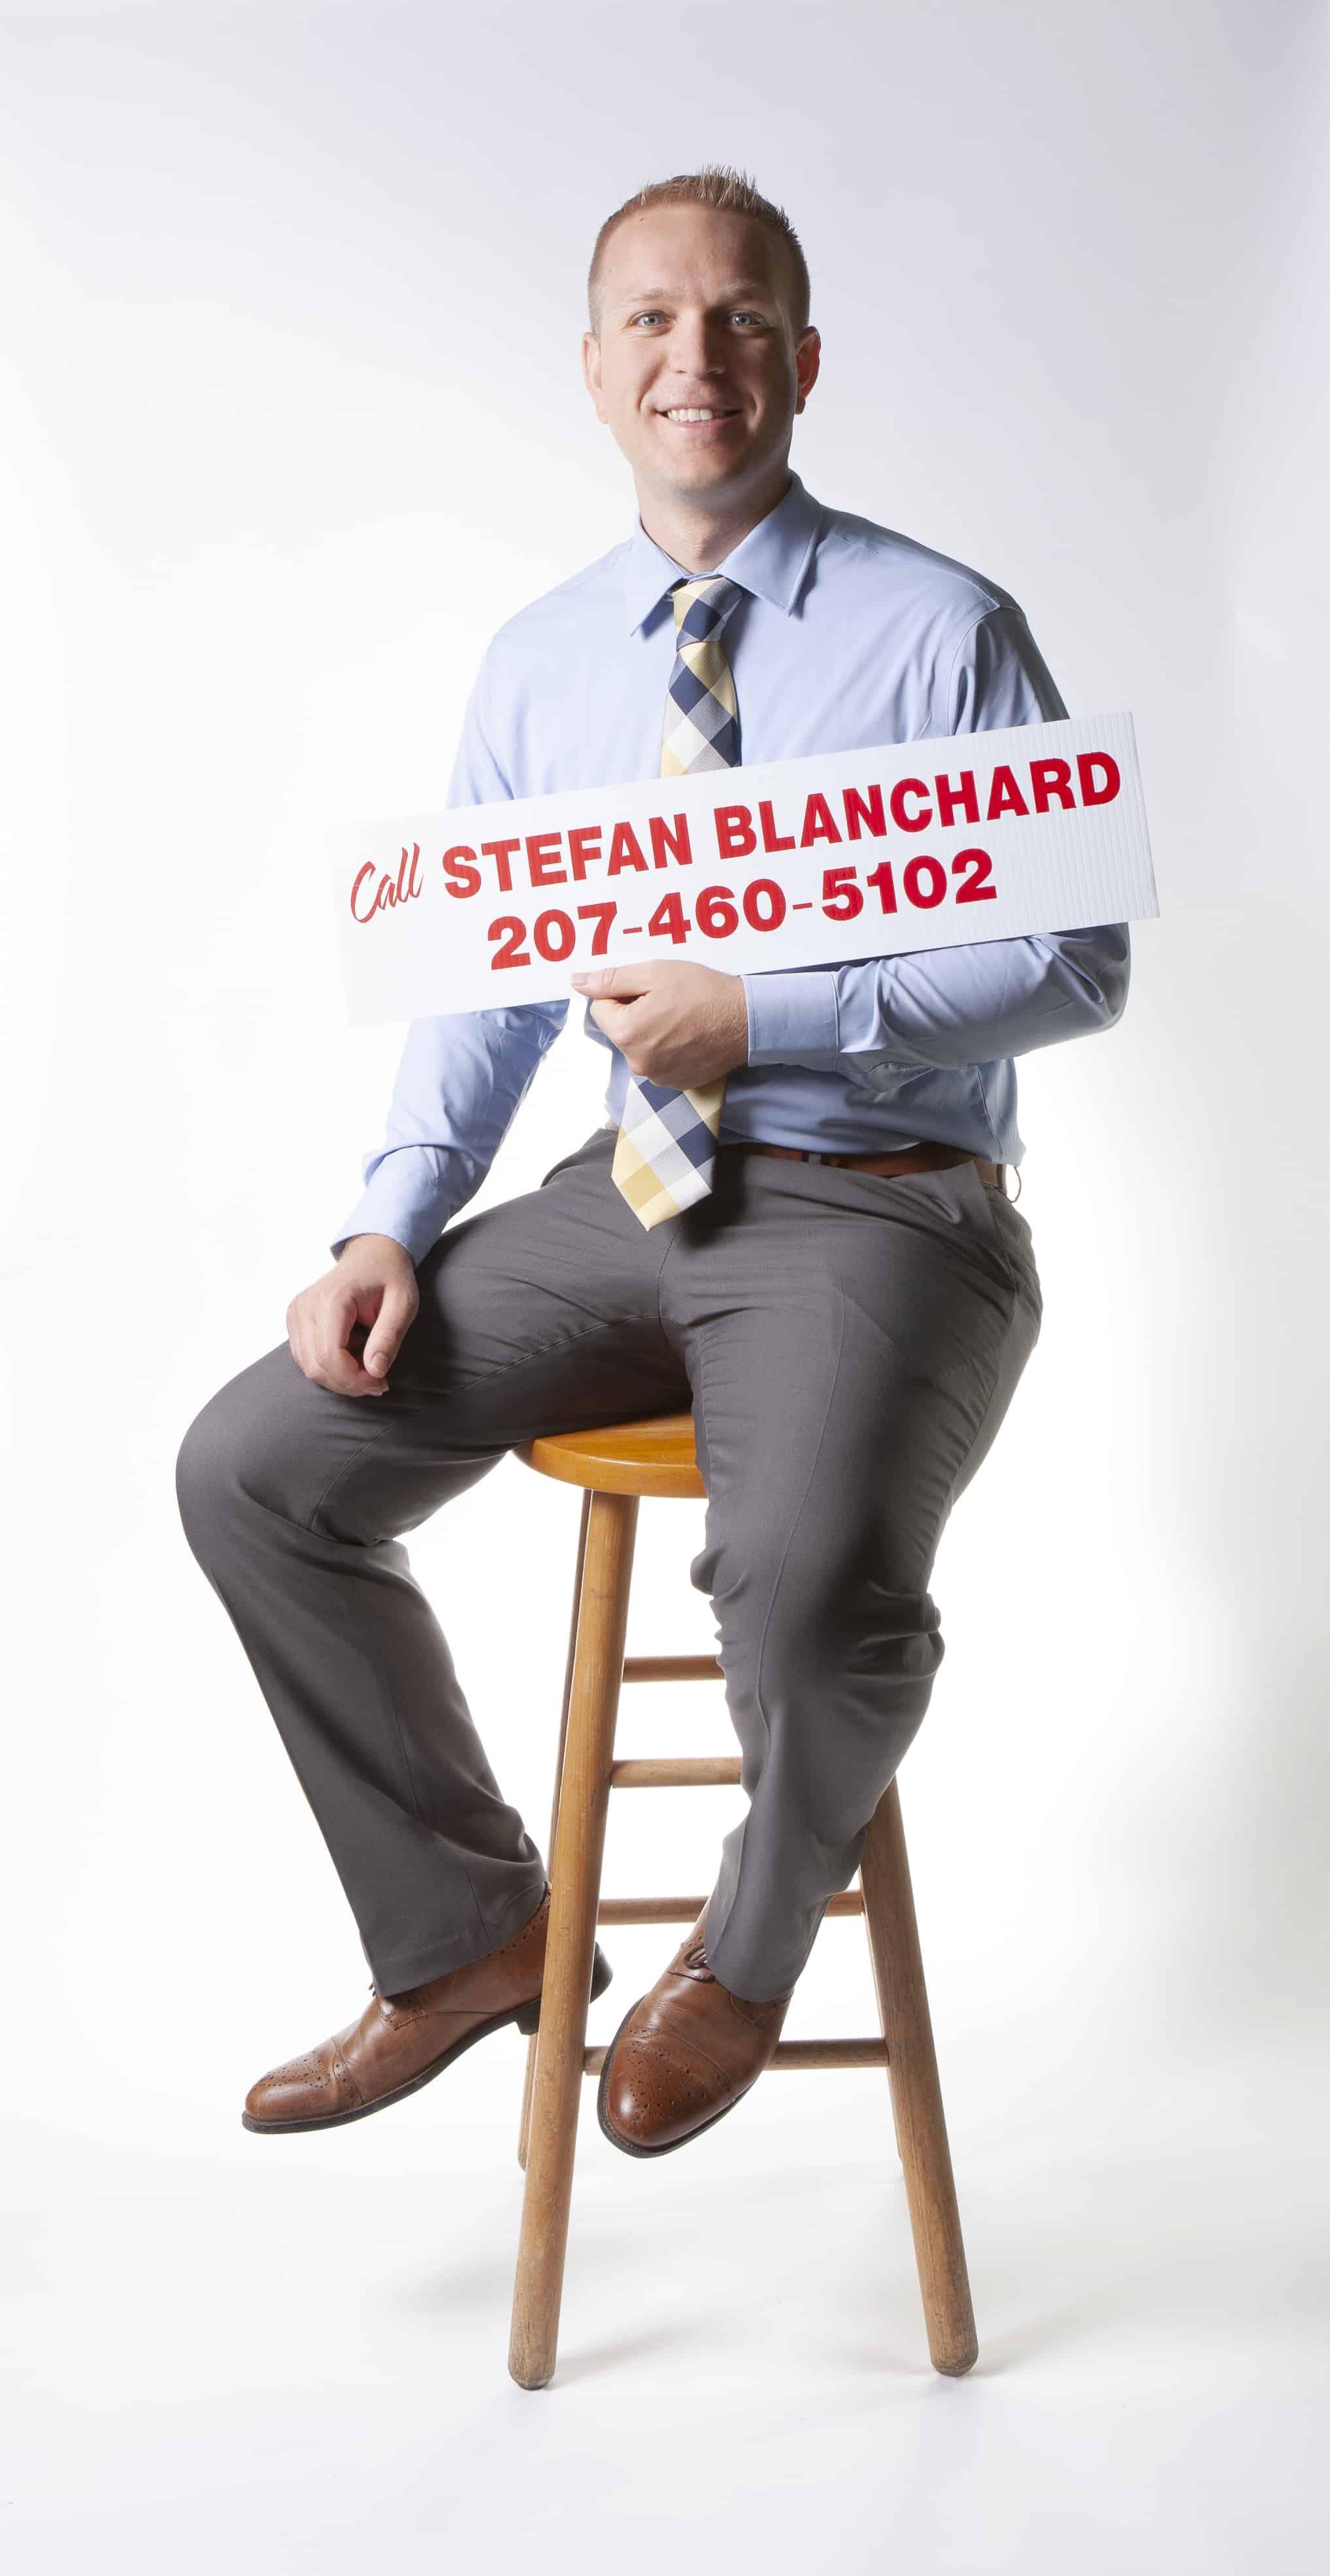 Photo of Stefan Blanchard